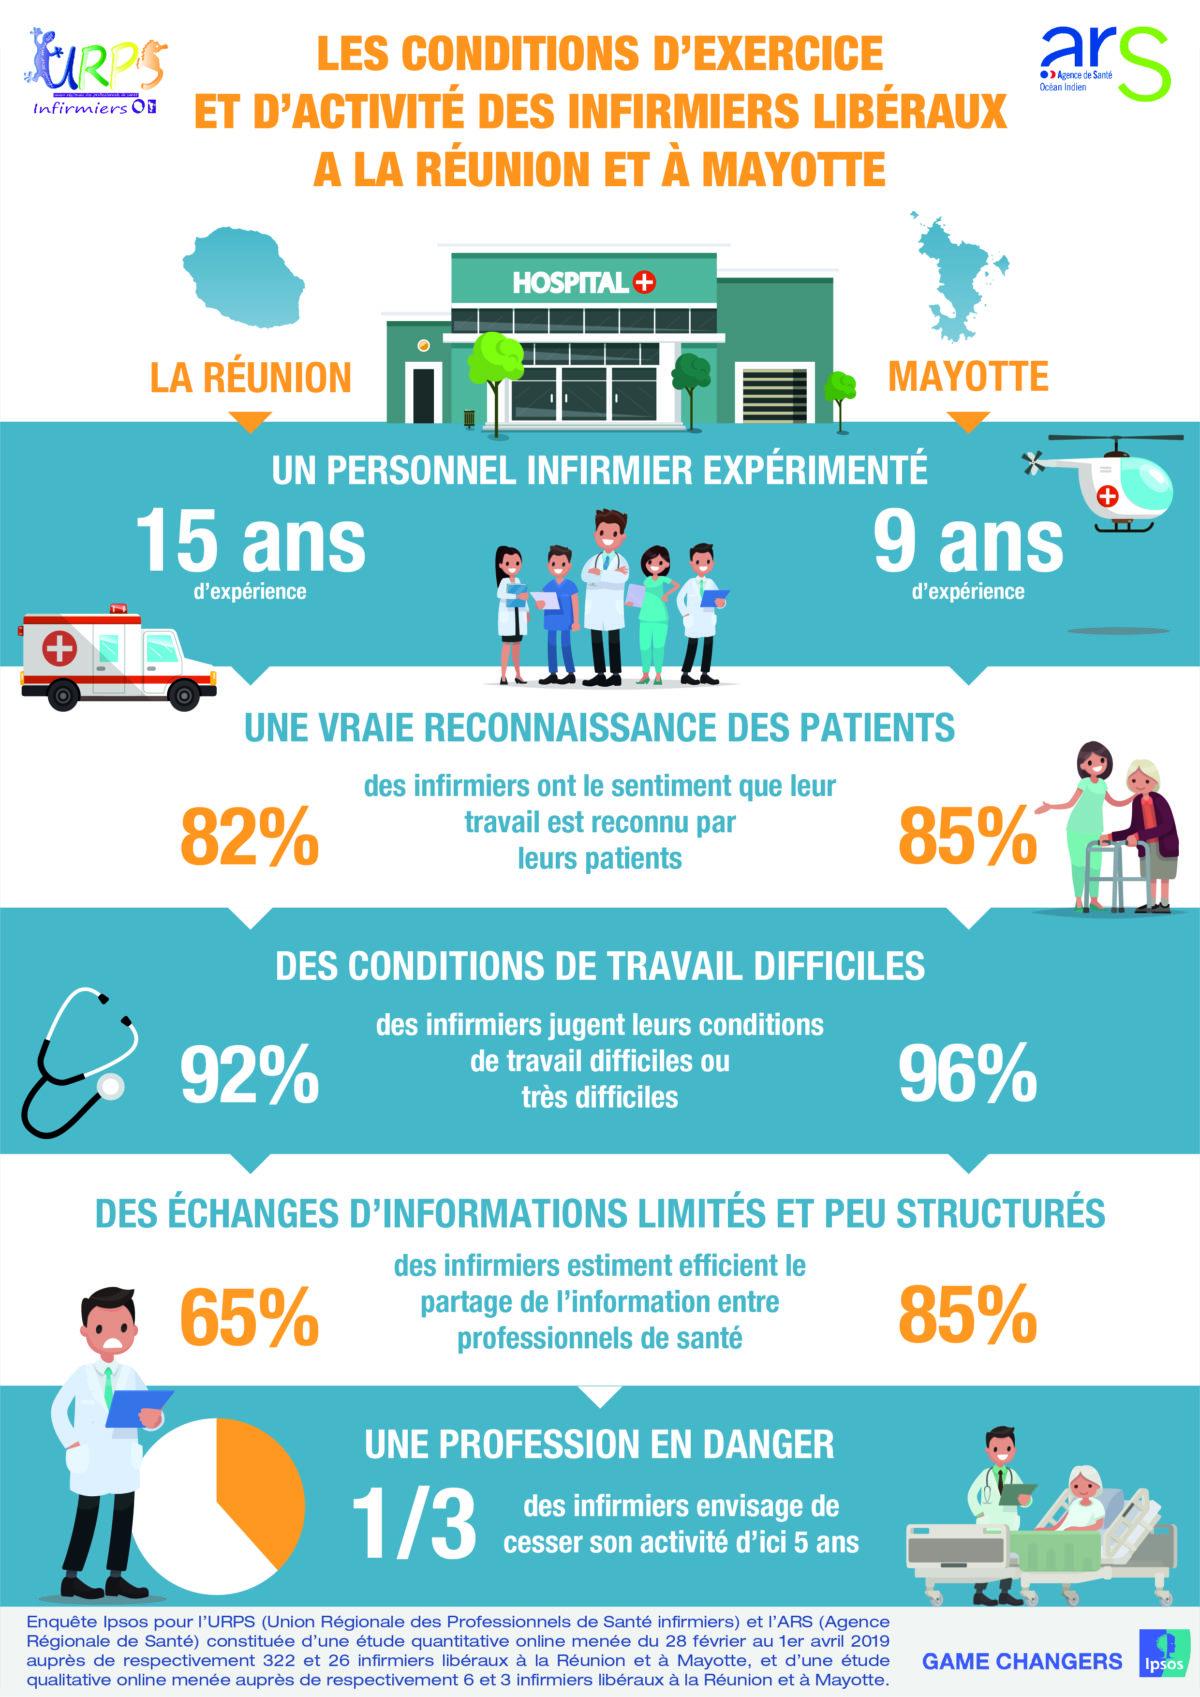 Les résultats de notre enquête sur les conditions d'exercice des infirmiers libéraux à La Réunion et à Mayotte